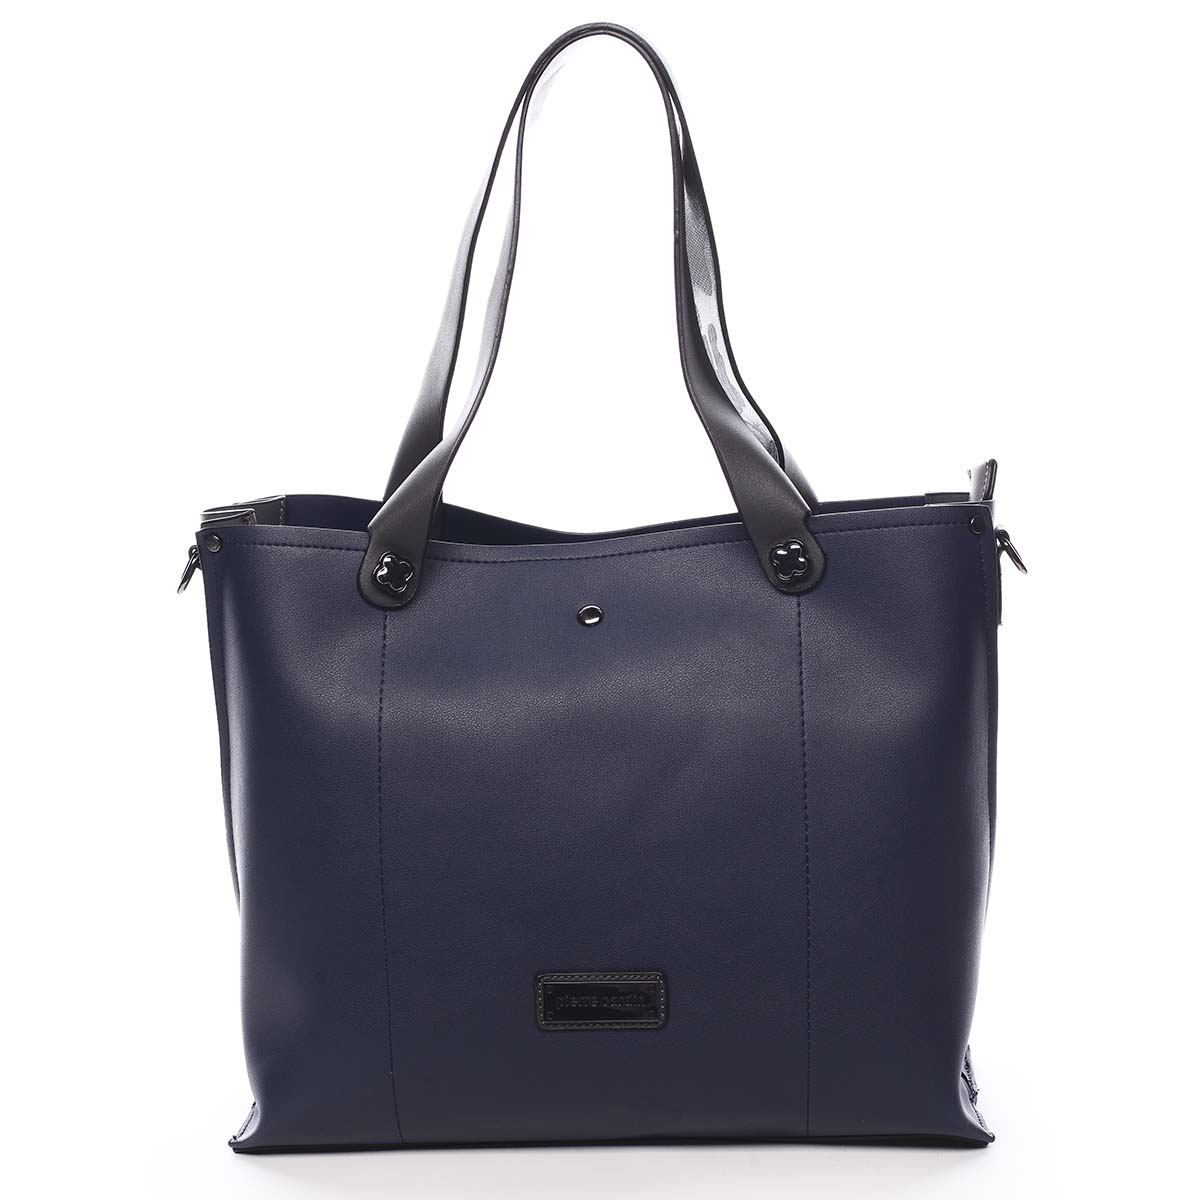 Dámská kabelka přes rameno tmavě modrá - Pierre Cardin Ellie